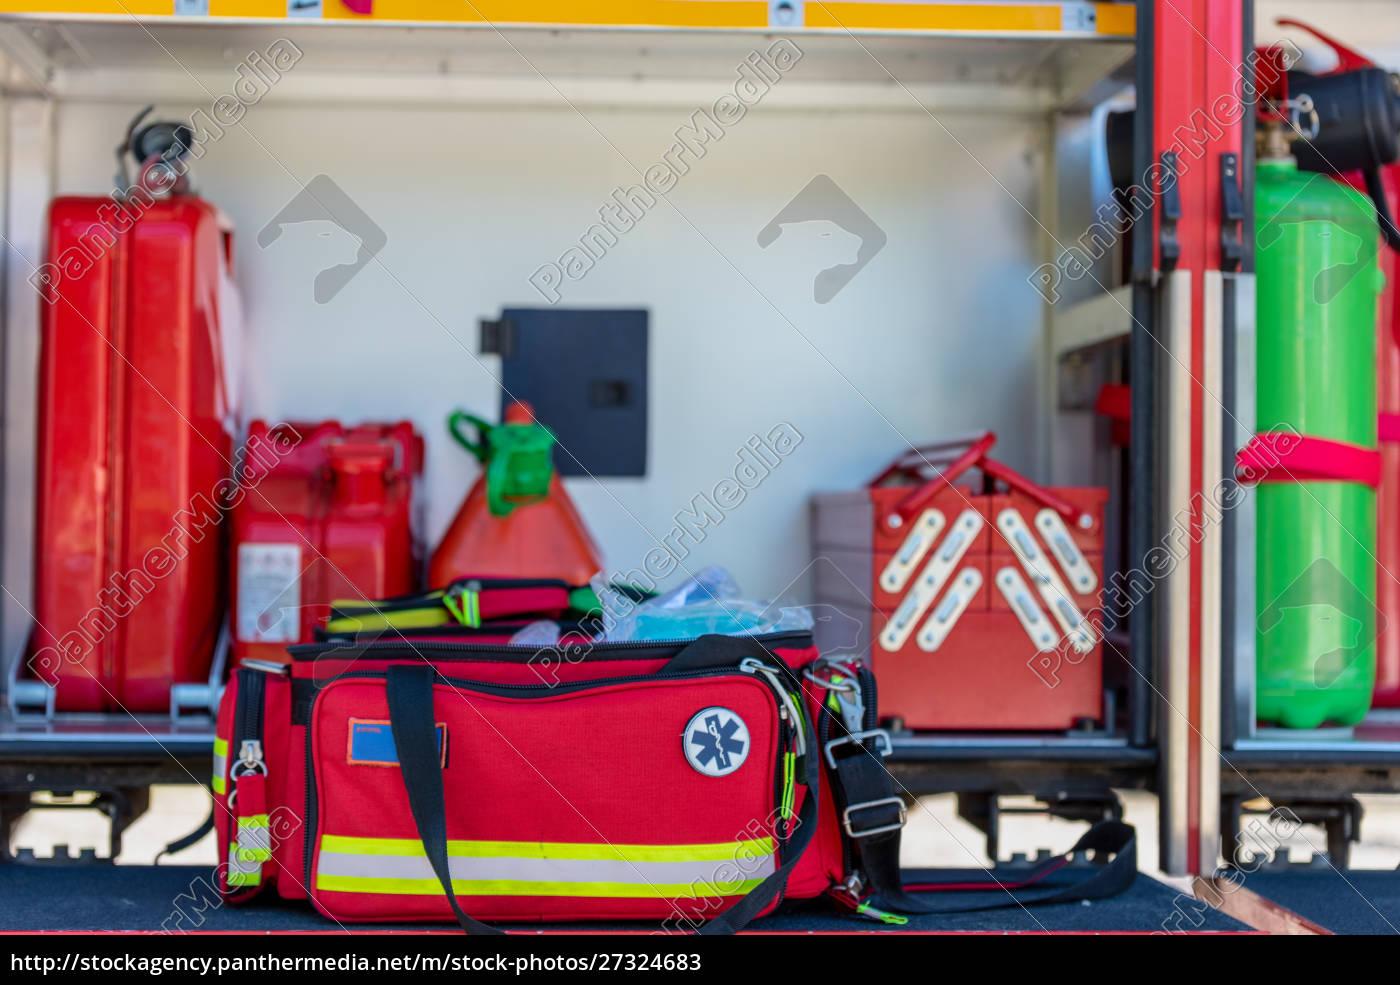 erste-hilfe-kit, eine, offene, rote, erste-hilfe-kit-tasche, mit - 27324683